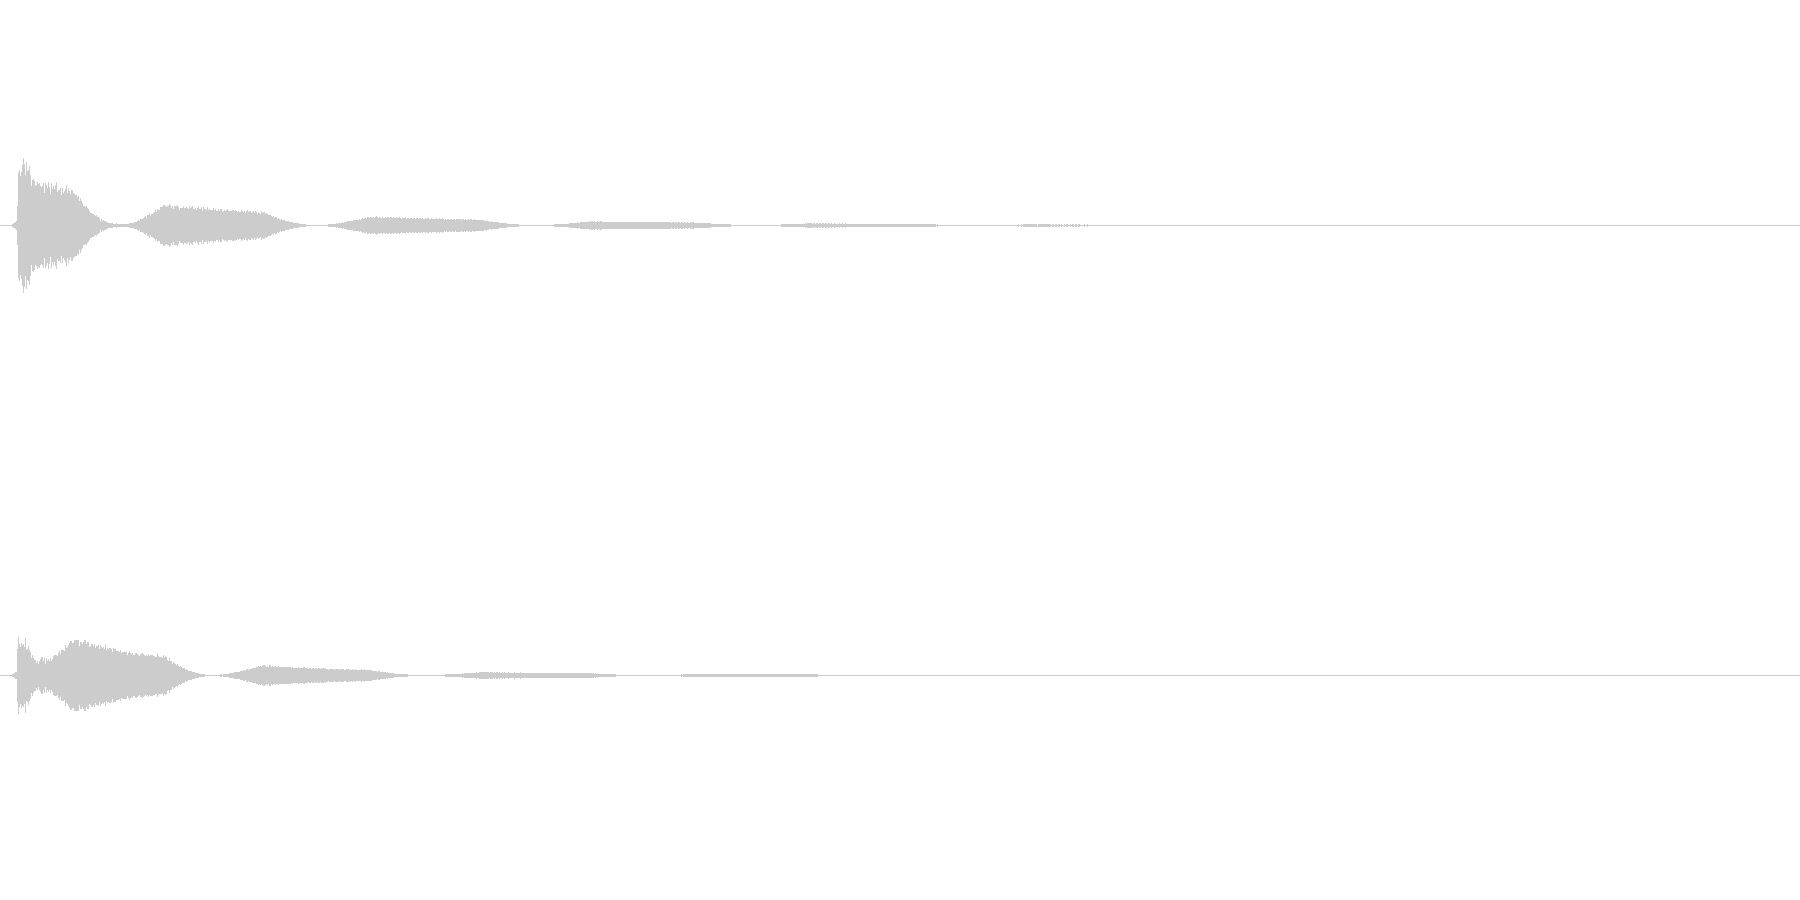 キラキラ系_078の未再生の波形